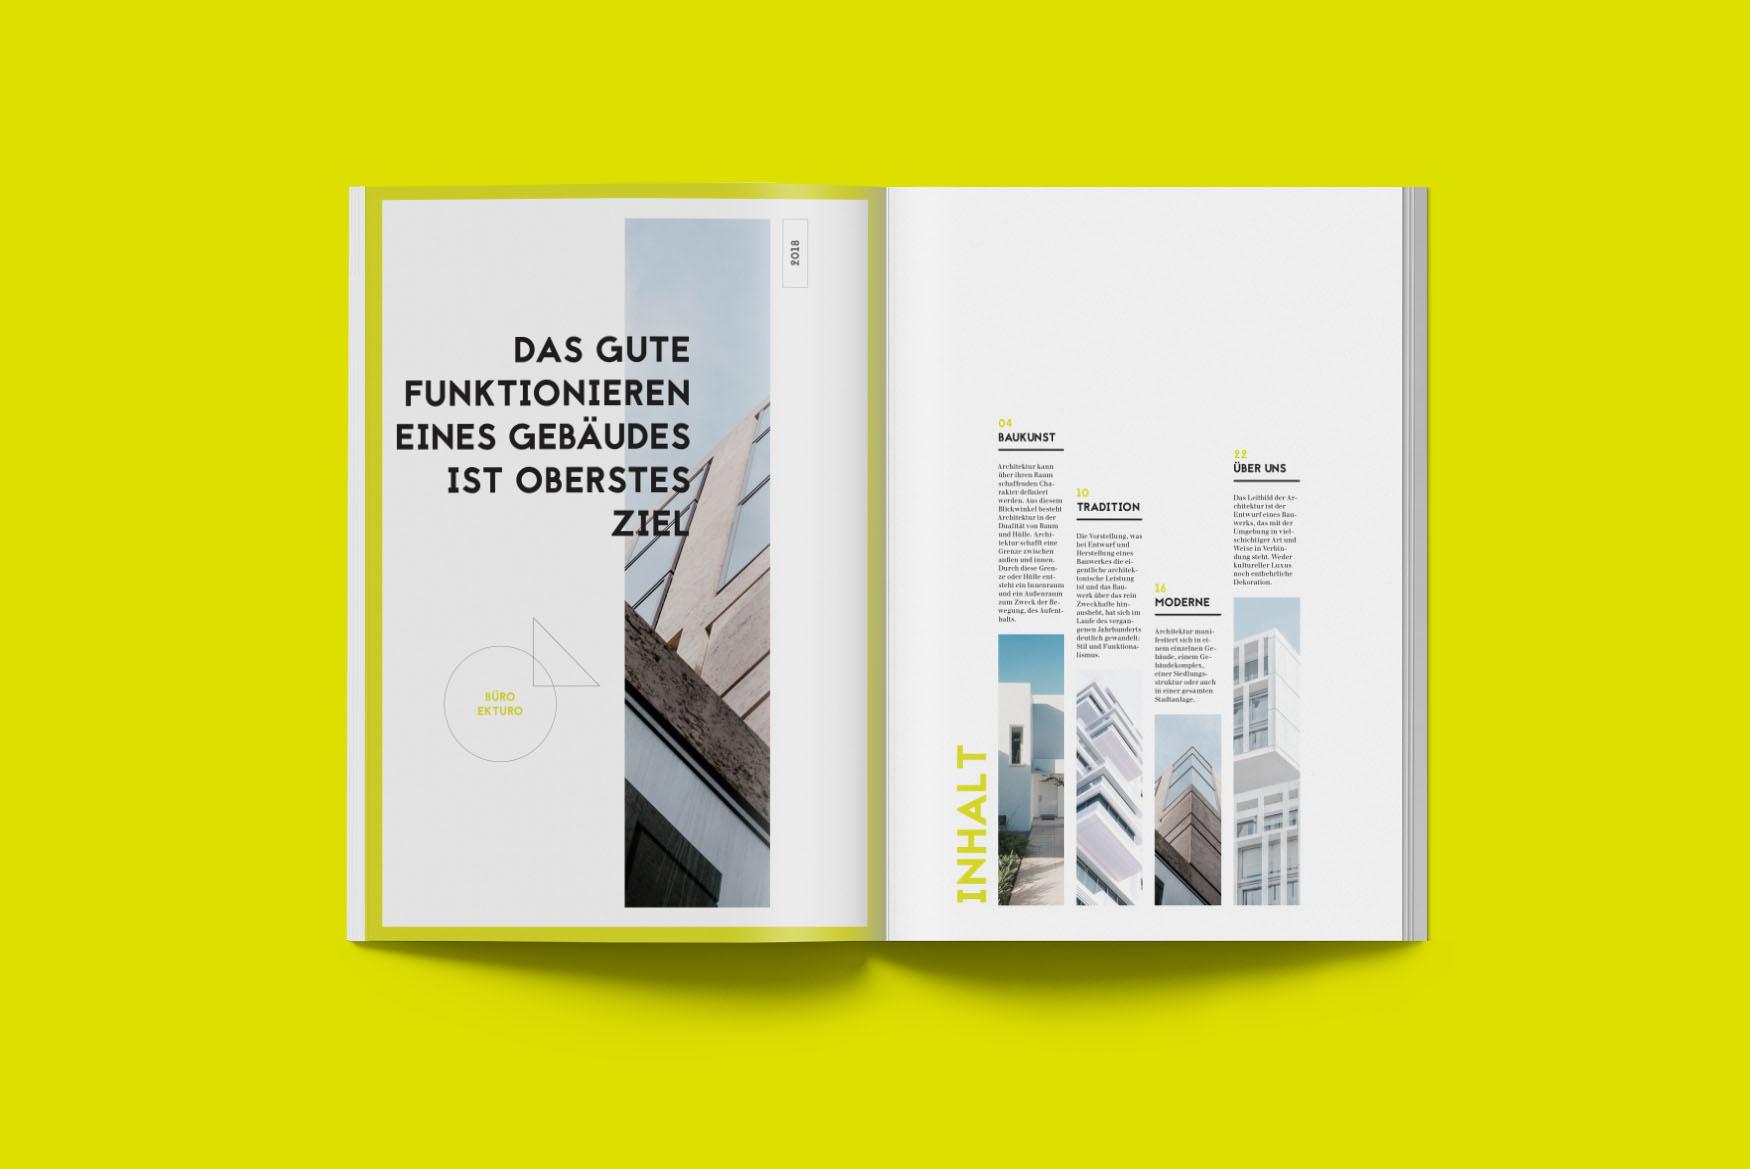 Editorial-Design-Broschuere-Architektur-1-Designagentur-Stuttgart-Kreativbetrieb